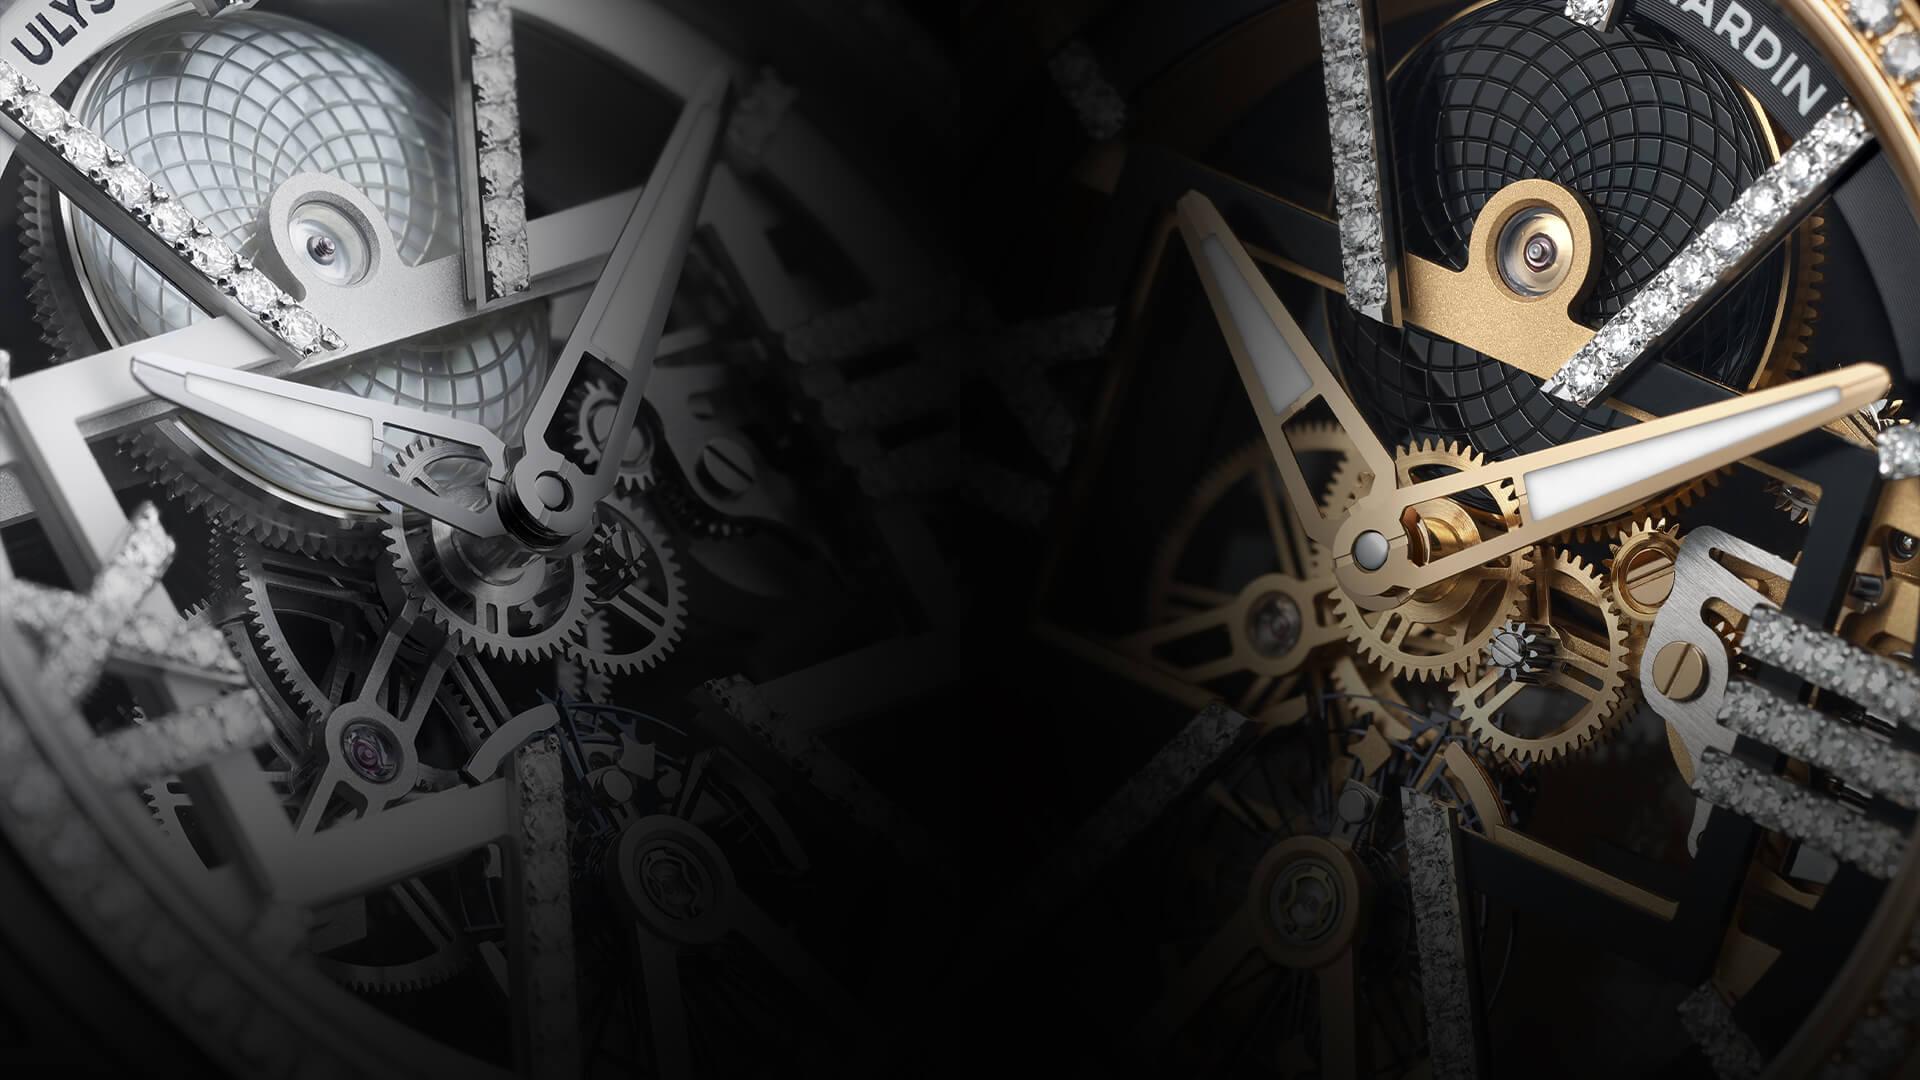 Skeleton X Sparkling header